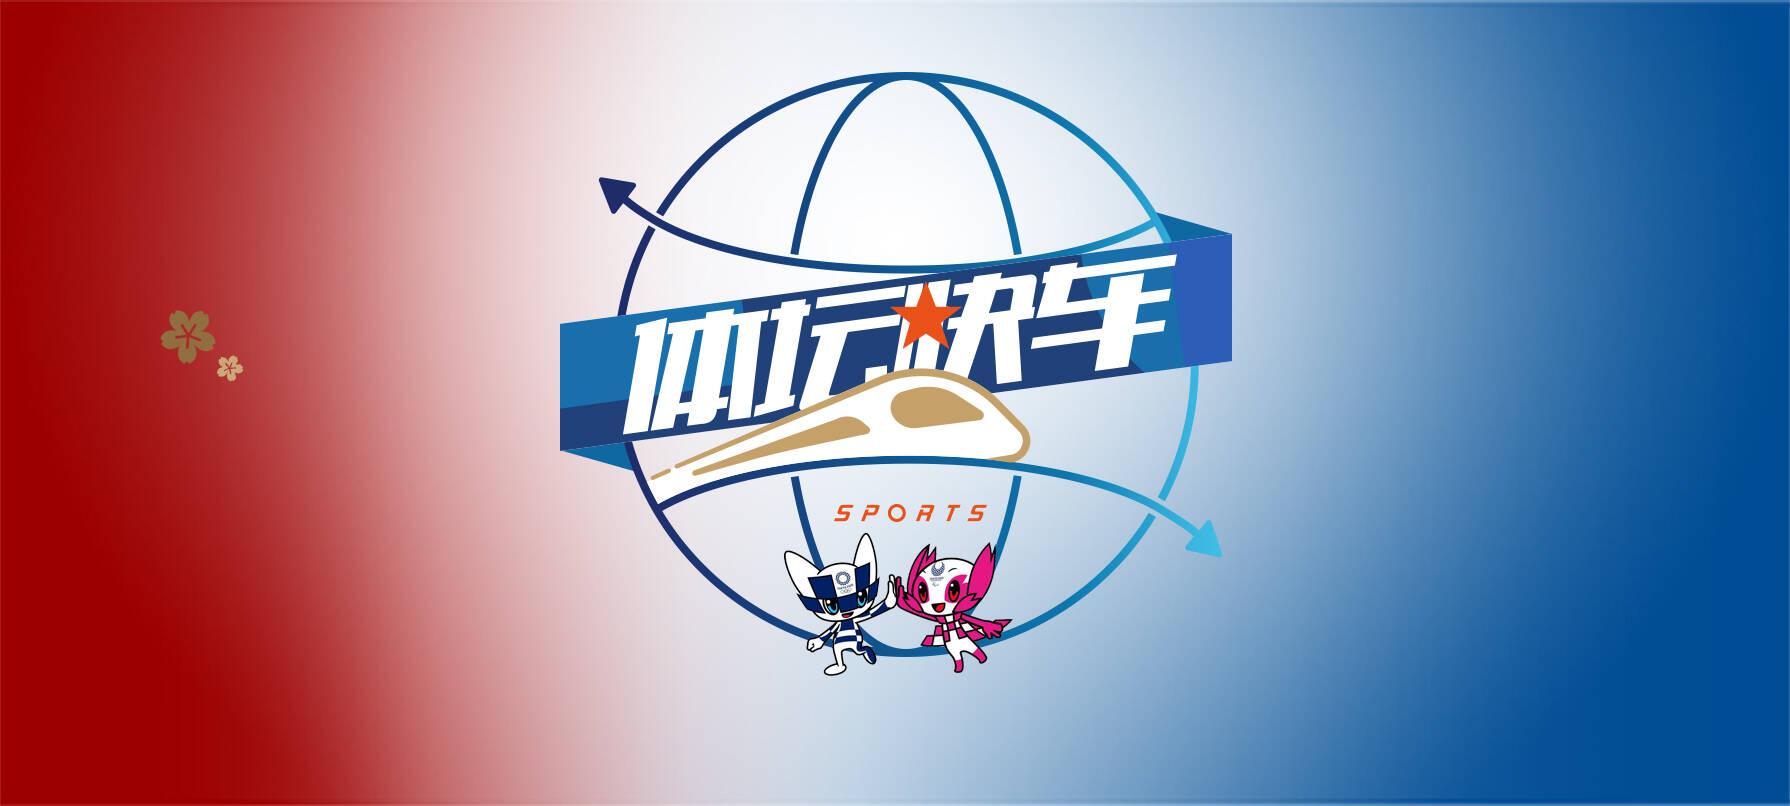 體壇快車丨中國17金暫居獎牌榜第一  中國女子八人單槳決賽摘銅